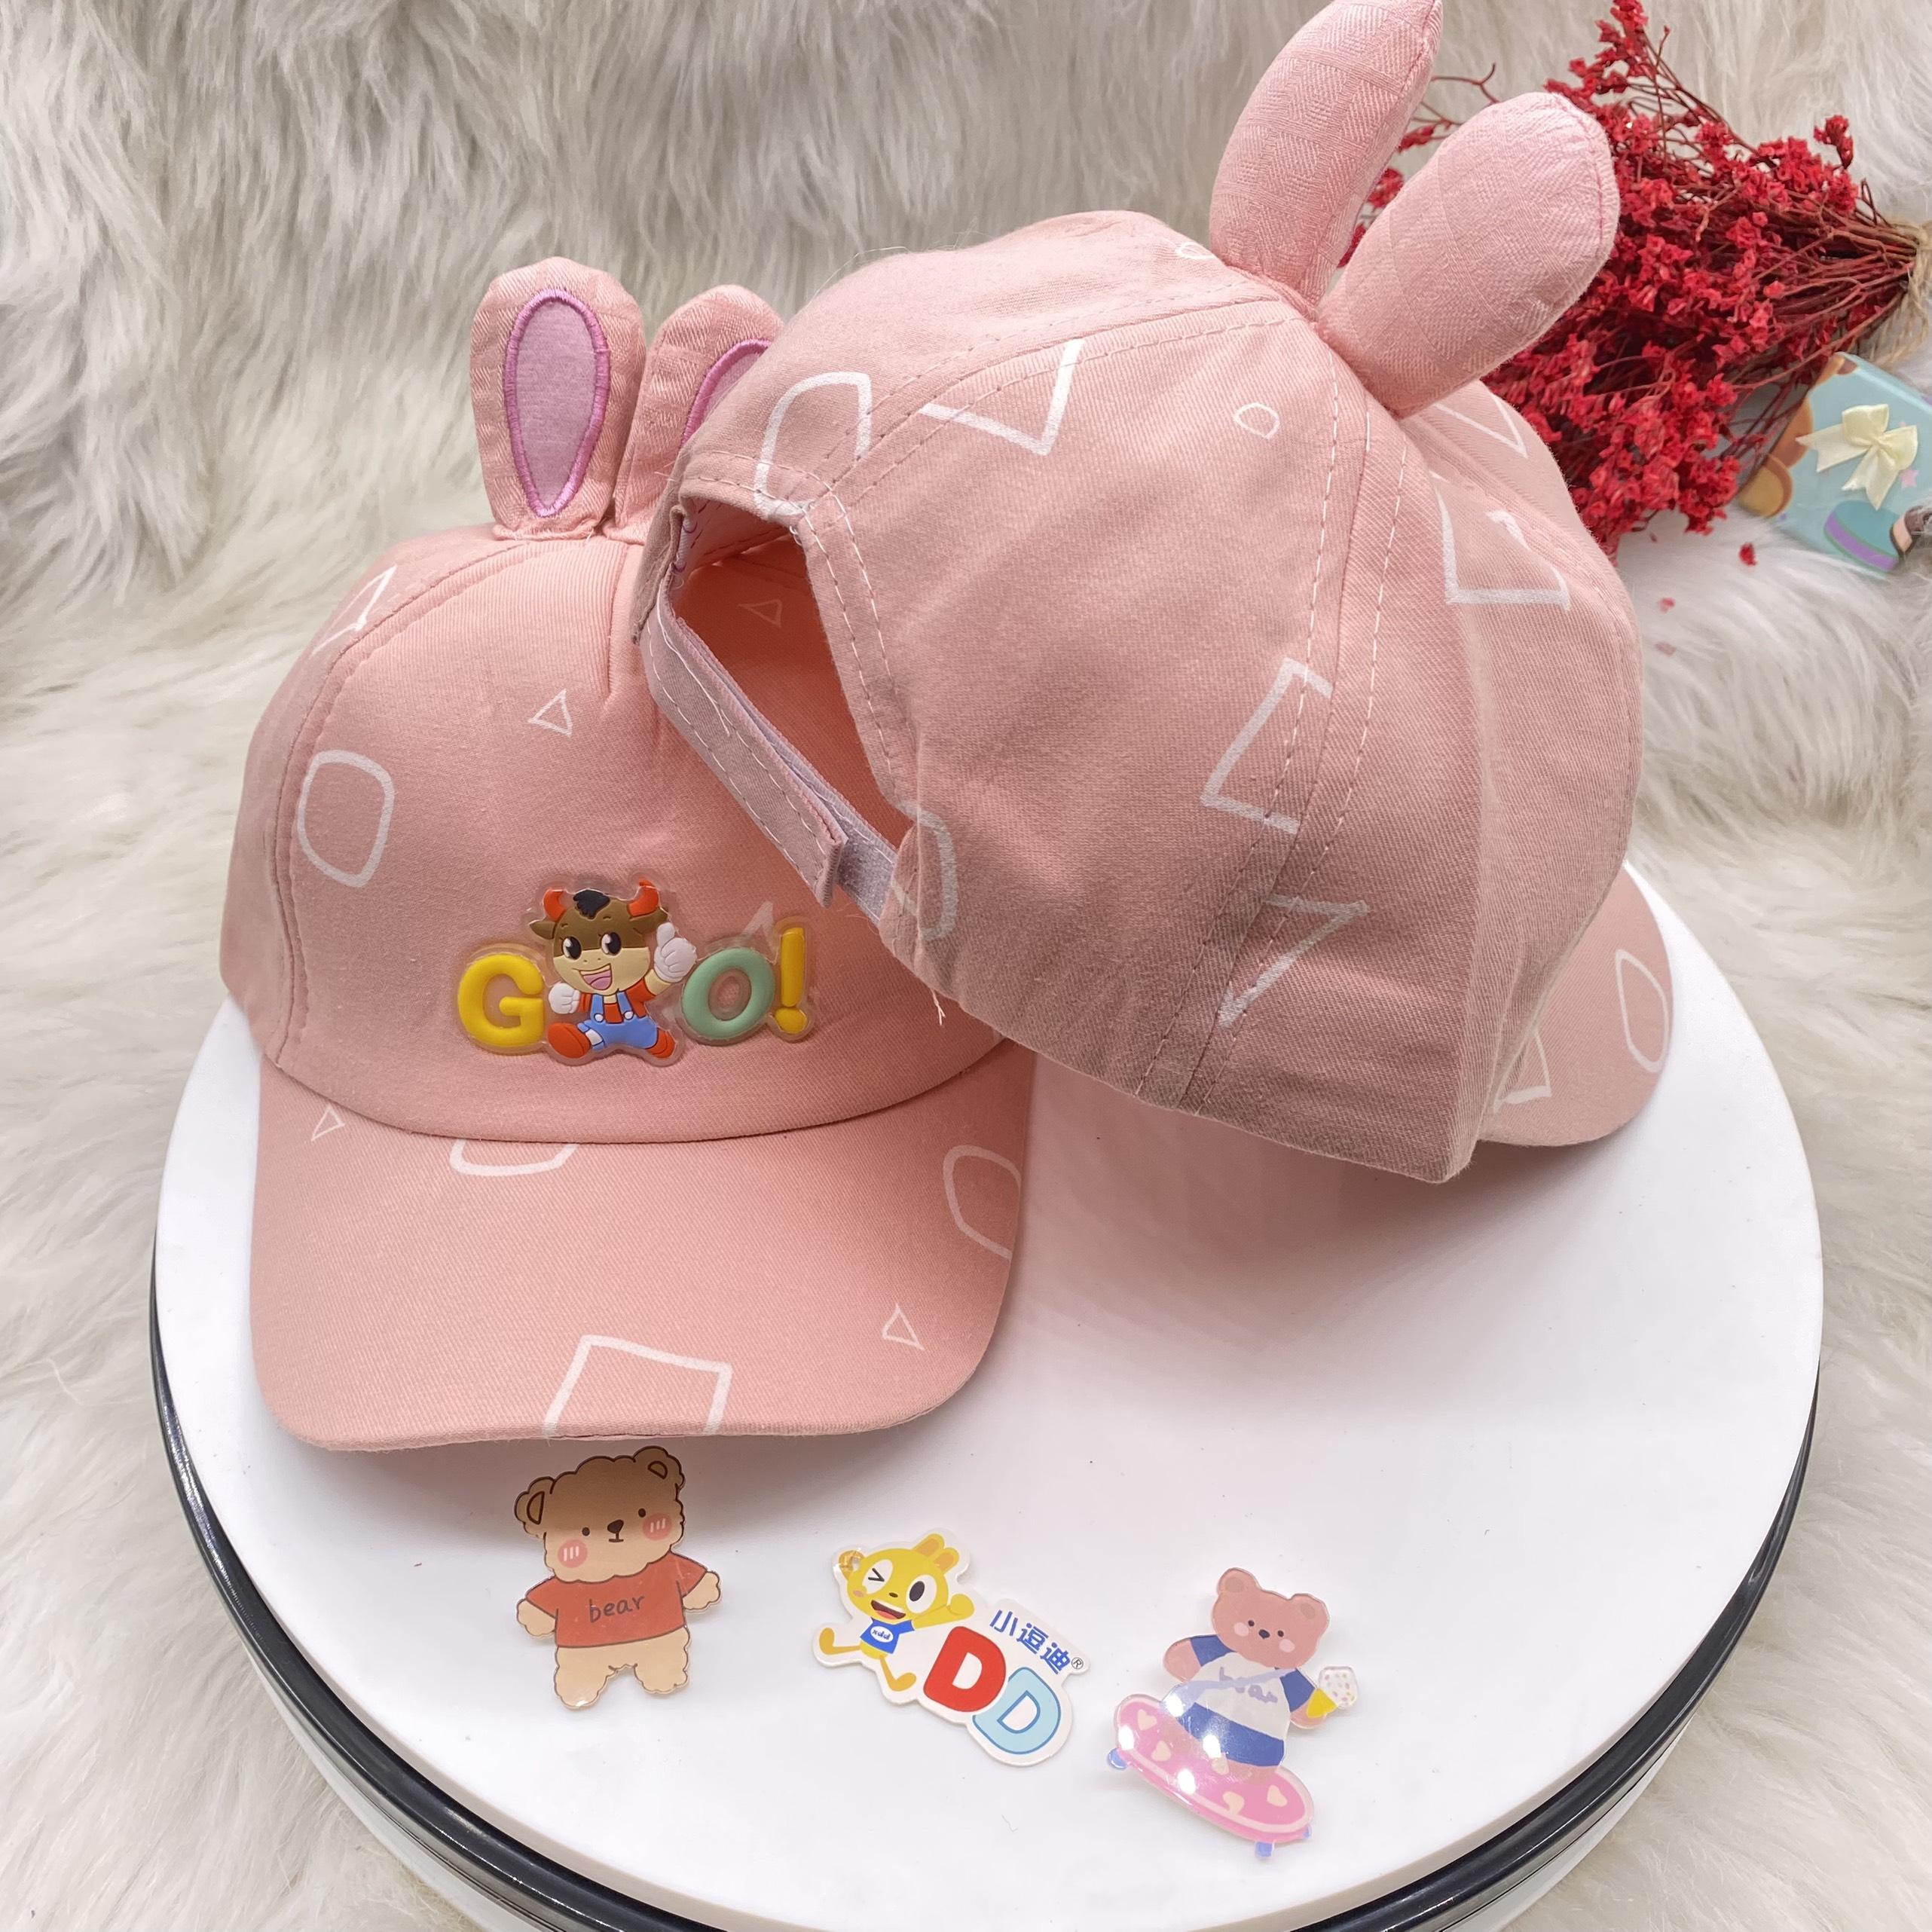 Mũ em bé Nón trẻ em nón Lưỡi Trai Con Trâu Dễ Thương Điều Chỉnh Quai Cho Bé Trai / Gái Từ 1 tuổi đến 3 tuổi